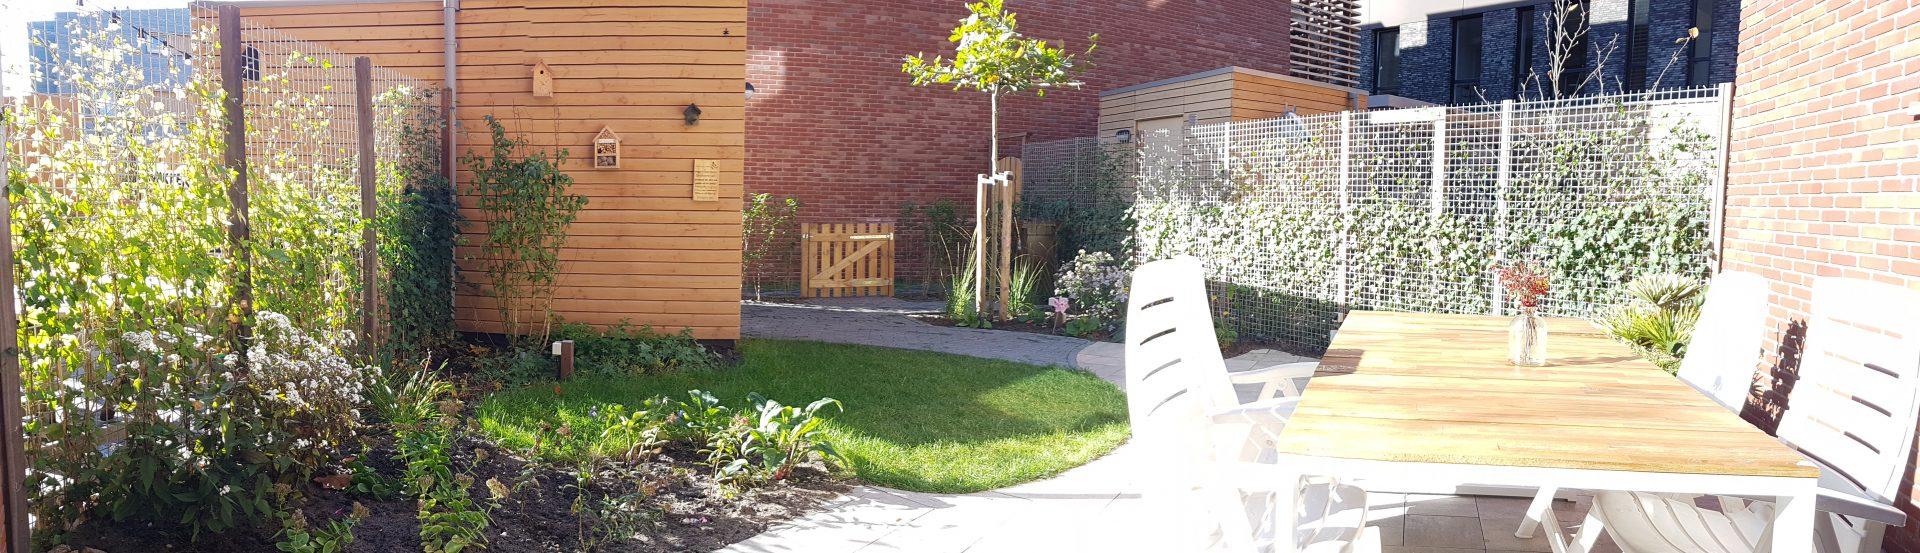 Nieuwe tuin aanleggen great aanleggen van geheel nieuwe for Tuin renoveren tips